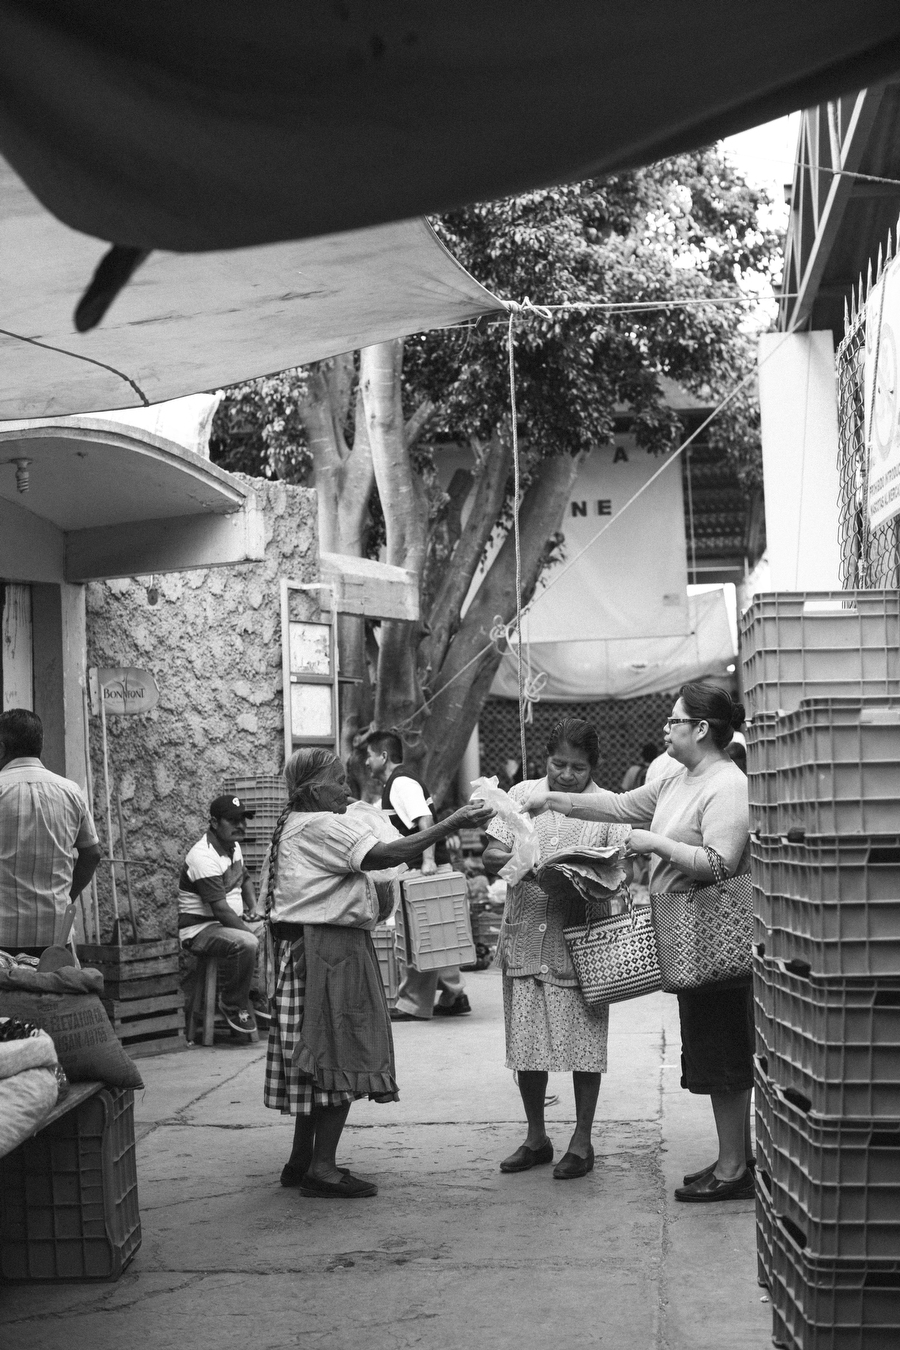 MARIACORONAPHOTOGRAPHY_OAXACA_TRAVEL_MEXICO_FILM_280.JPG